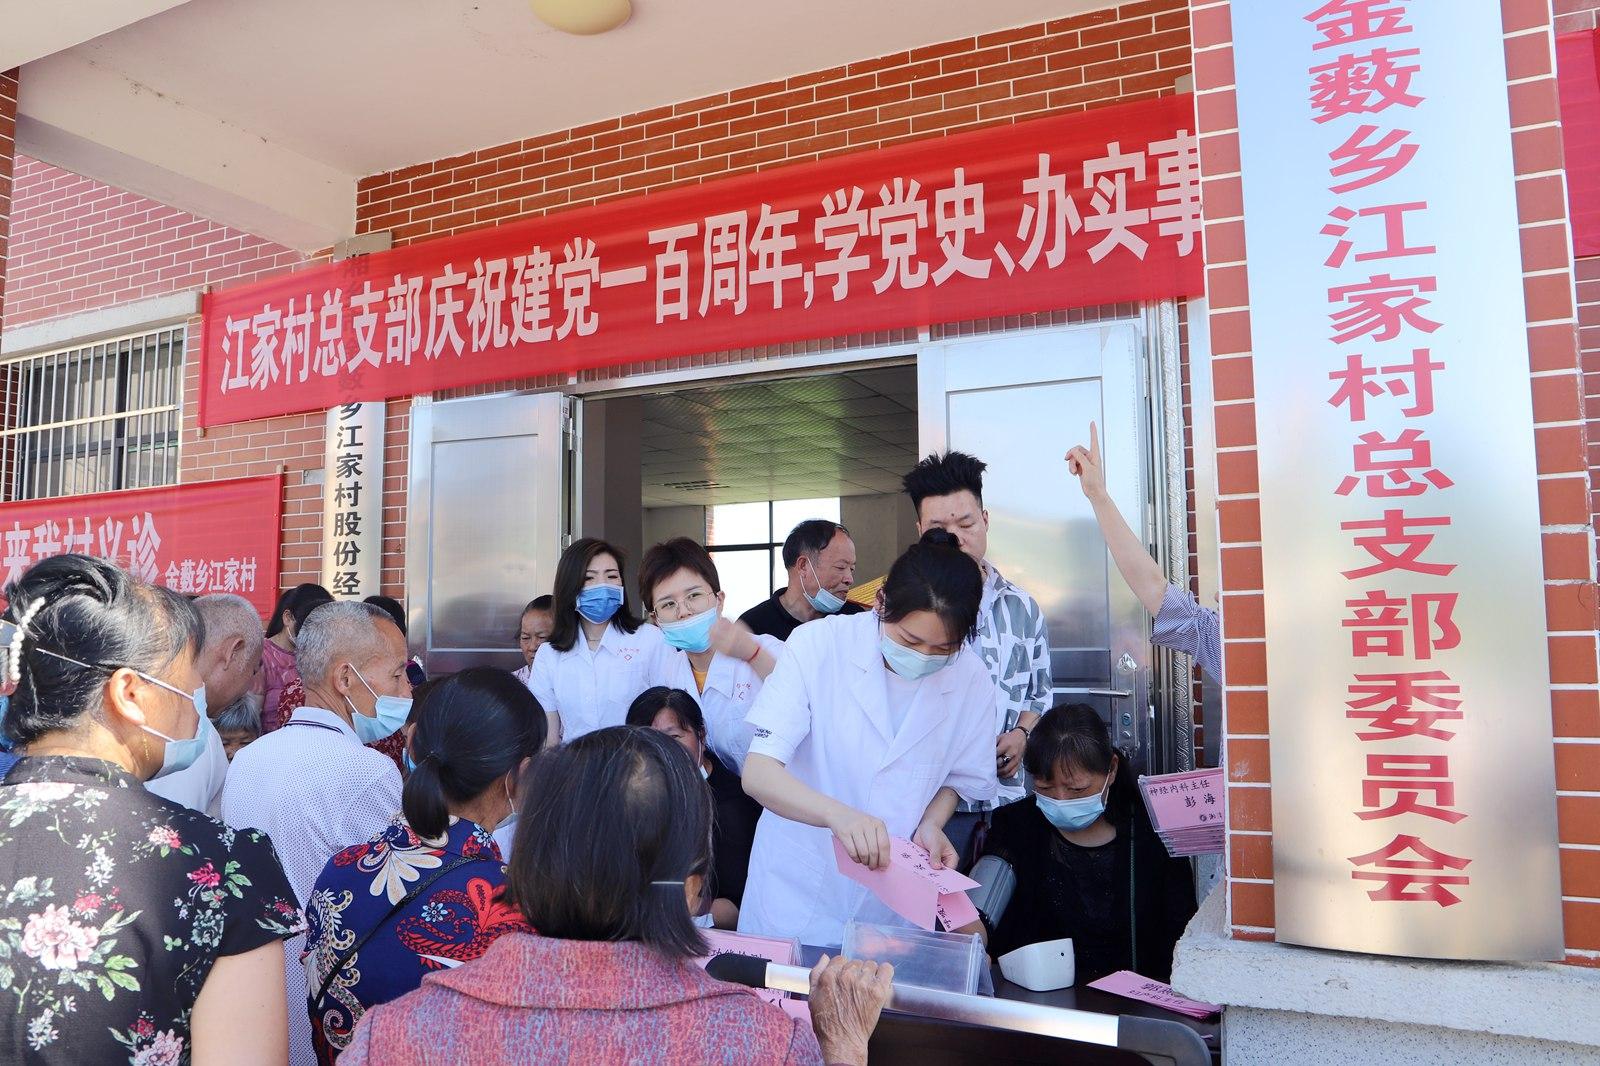 湘潭市第一人民医院:学史力行到金薮 我为群众办实事